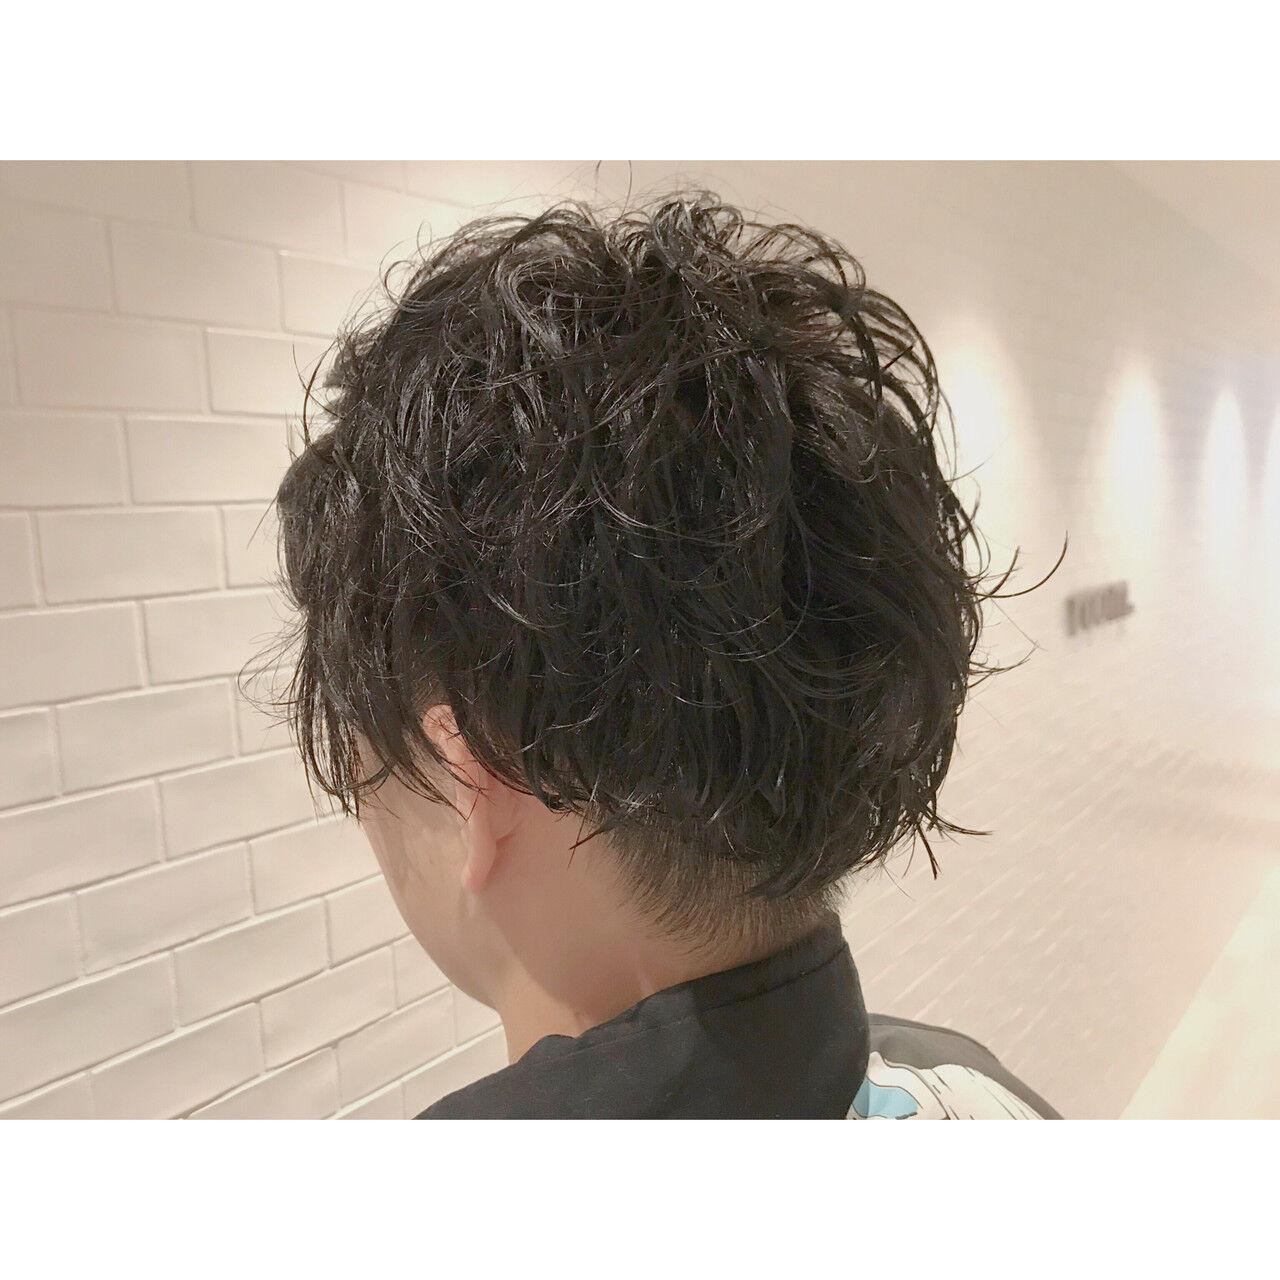 メンズカット ショート モード メンズパーマヘアスタイルや髪型の写真・画像